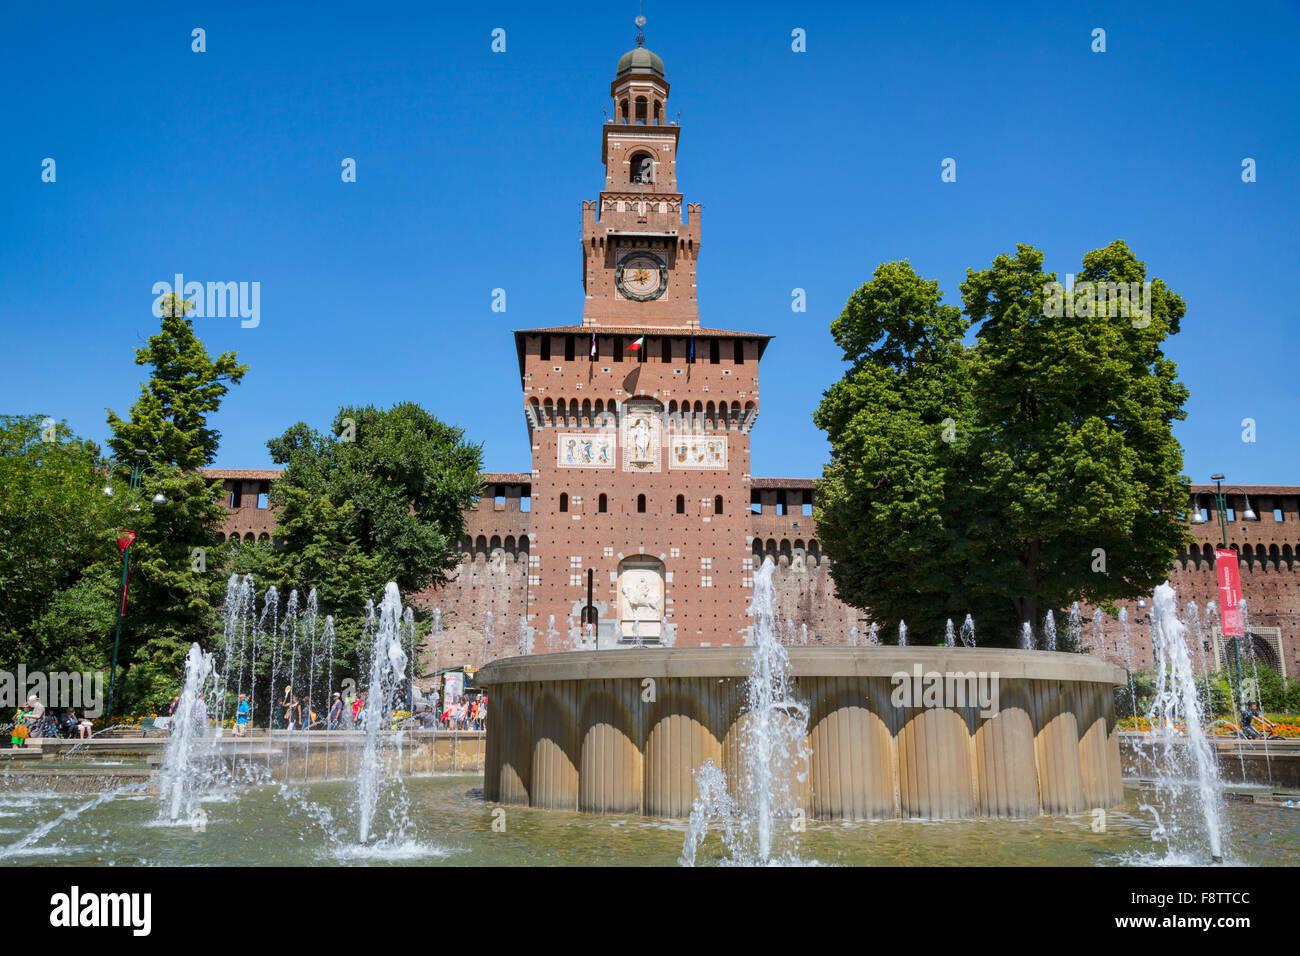 Mailand, Provinz Mailand, Lombardei, Italien.  Schloss Sforzesco.  Castello Sforzesco.  Eingang zum Schloss. Stockbild